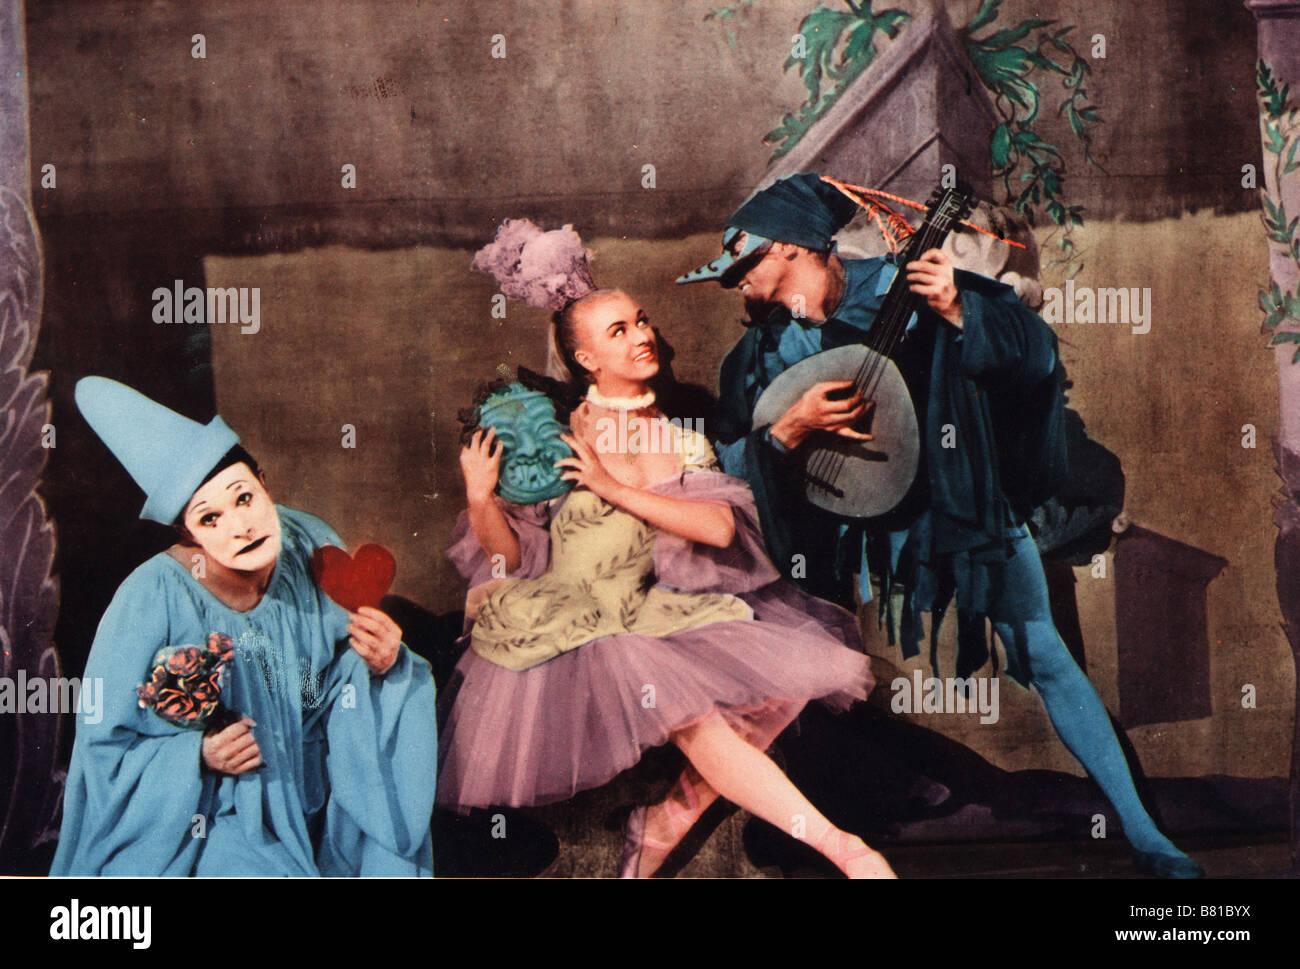 Invitation la danse Invitation to the Dance Anne 1956 usa Gene